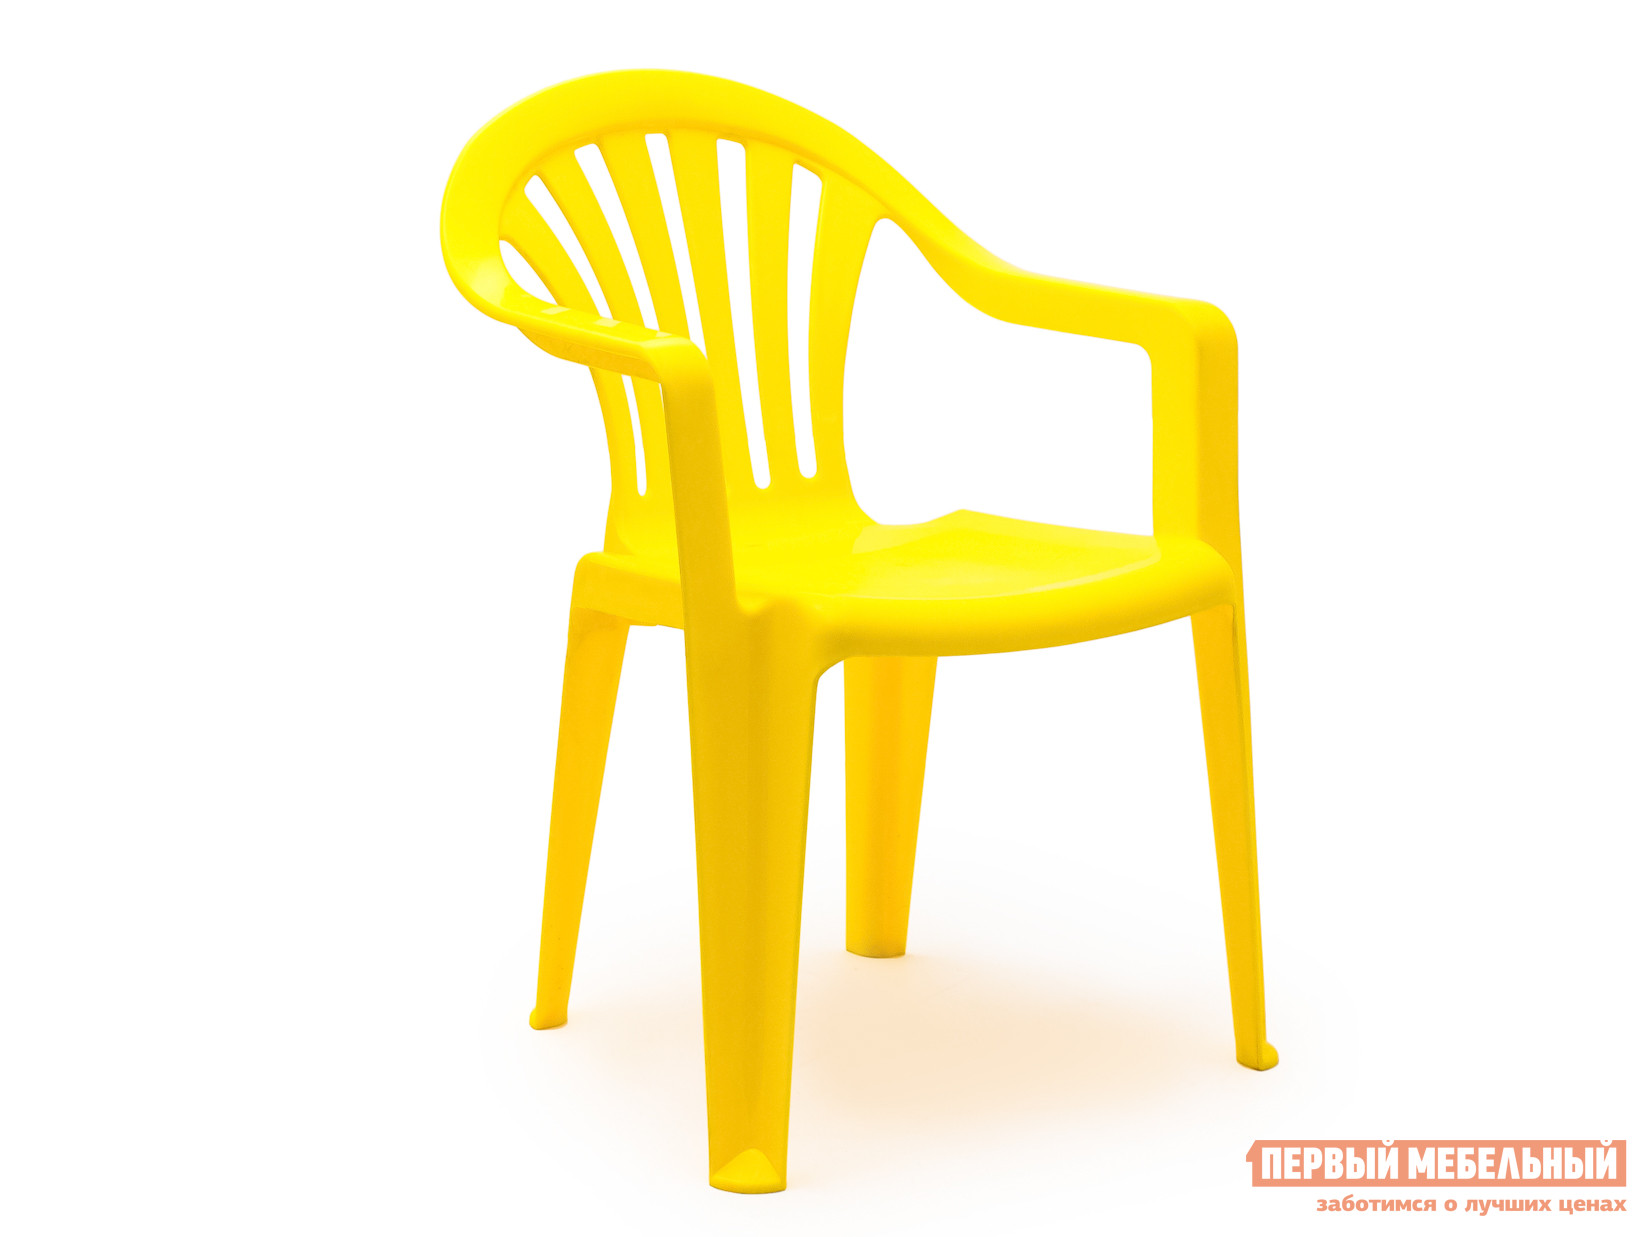 Пластиковый стул Стандарт Пластик Кресло №1 Пальма-1 (560х550х770мм) ЖелтыйПластиковые стулья<br>Габаритные размеры ВхШхГ 770x560x550 мм. Пластиковое кресло Пальма исполнено в классическом стиле.  В таком кресле удобно будет сидеть даже в самую жаркую погоду, благодаря немонолитному оформлению спинки и сидения. Конструкция стула спроектирована таким образом, что несколько стульев очень удобно хранить в виде стопки.  Изделие оборудовано подлокотниками, их функциональное назначение – сделать пребывание в кресле максимально удобным и приятным. Высота изделия от пола до сиденья составляет 38 см. Пластиковая мебель уникальна сочетанием таких качеств, как предельная легкость (чуть больше 2 кг) и повышенная прочность (легко выдерживает нагрузку до 120 кг).  Мебельные изделия демократичны, хорошо подходят для оформления дачи, зоны отдыха или летнего кафе.  Пластиковая мебель не боится перепадов температур, повышенной влажности.  Такая мебель станет верным союзником в комфортном и гармоничном отдыхе.<br><br>Цвет: Желтый<br>Высота мм: 770<br>Ширина мм: 560<br>Глубина мм: 550<br>Кол-во упаковок: 1<br>Форма поставки: В собранном виде<br>Срок гарантии: 1 год<br>С подлокотниками: Да